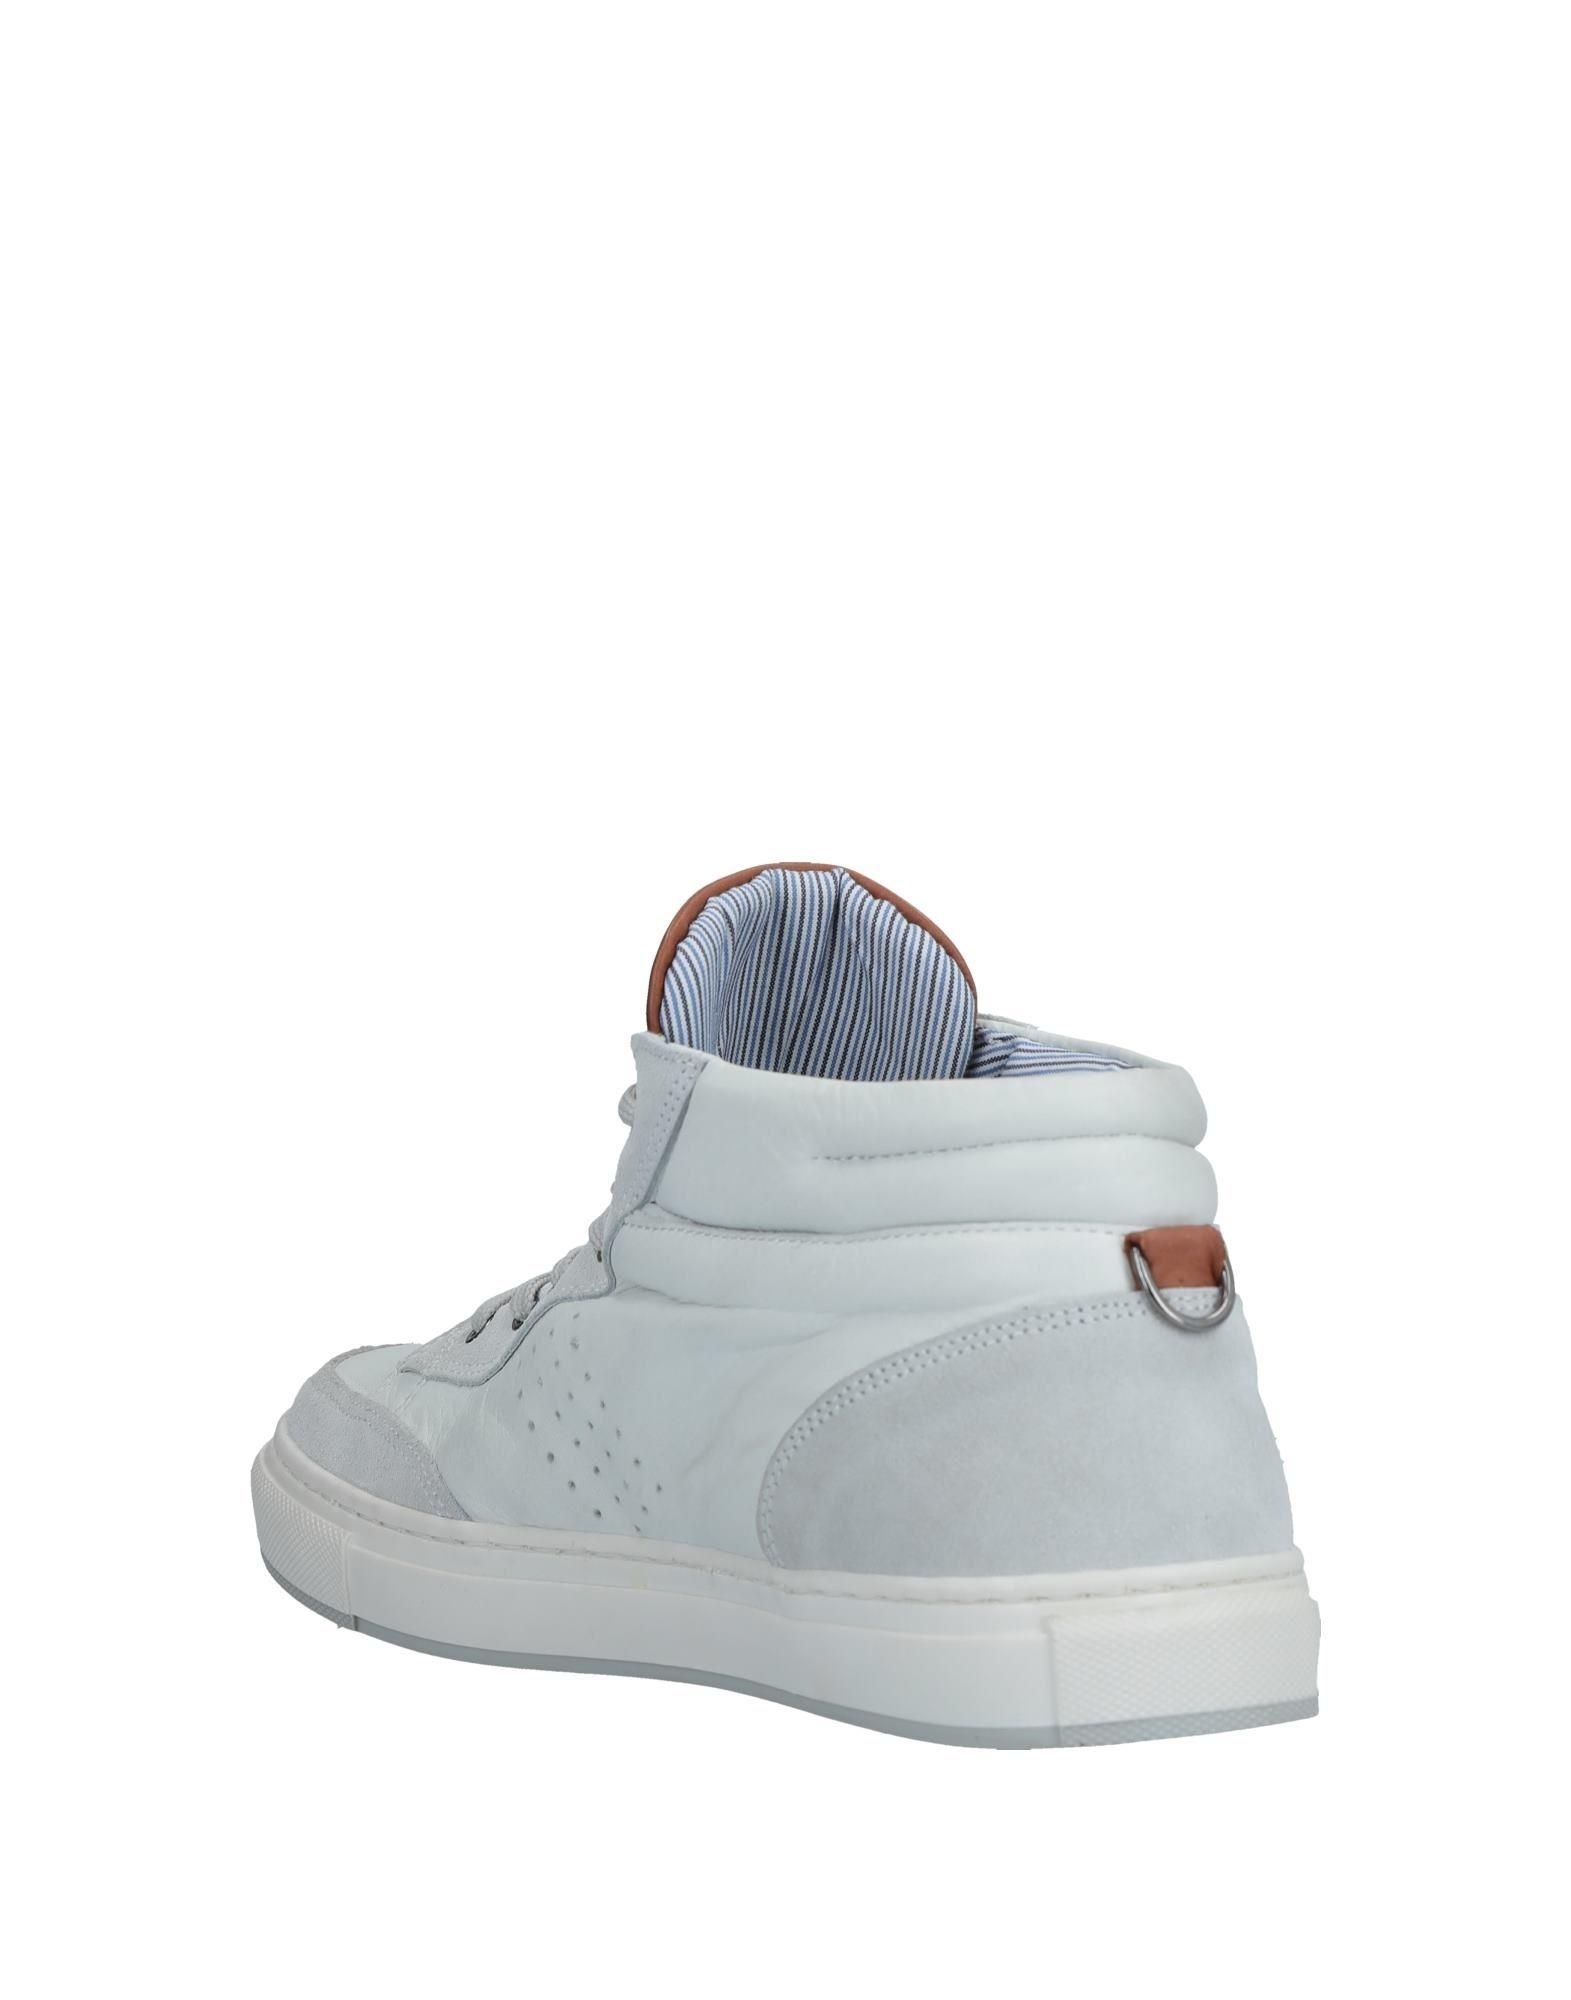 Bruno Verri Sneakers Herren    11523568WR c1d513